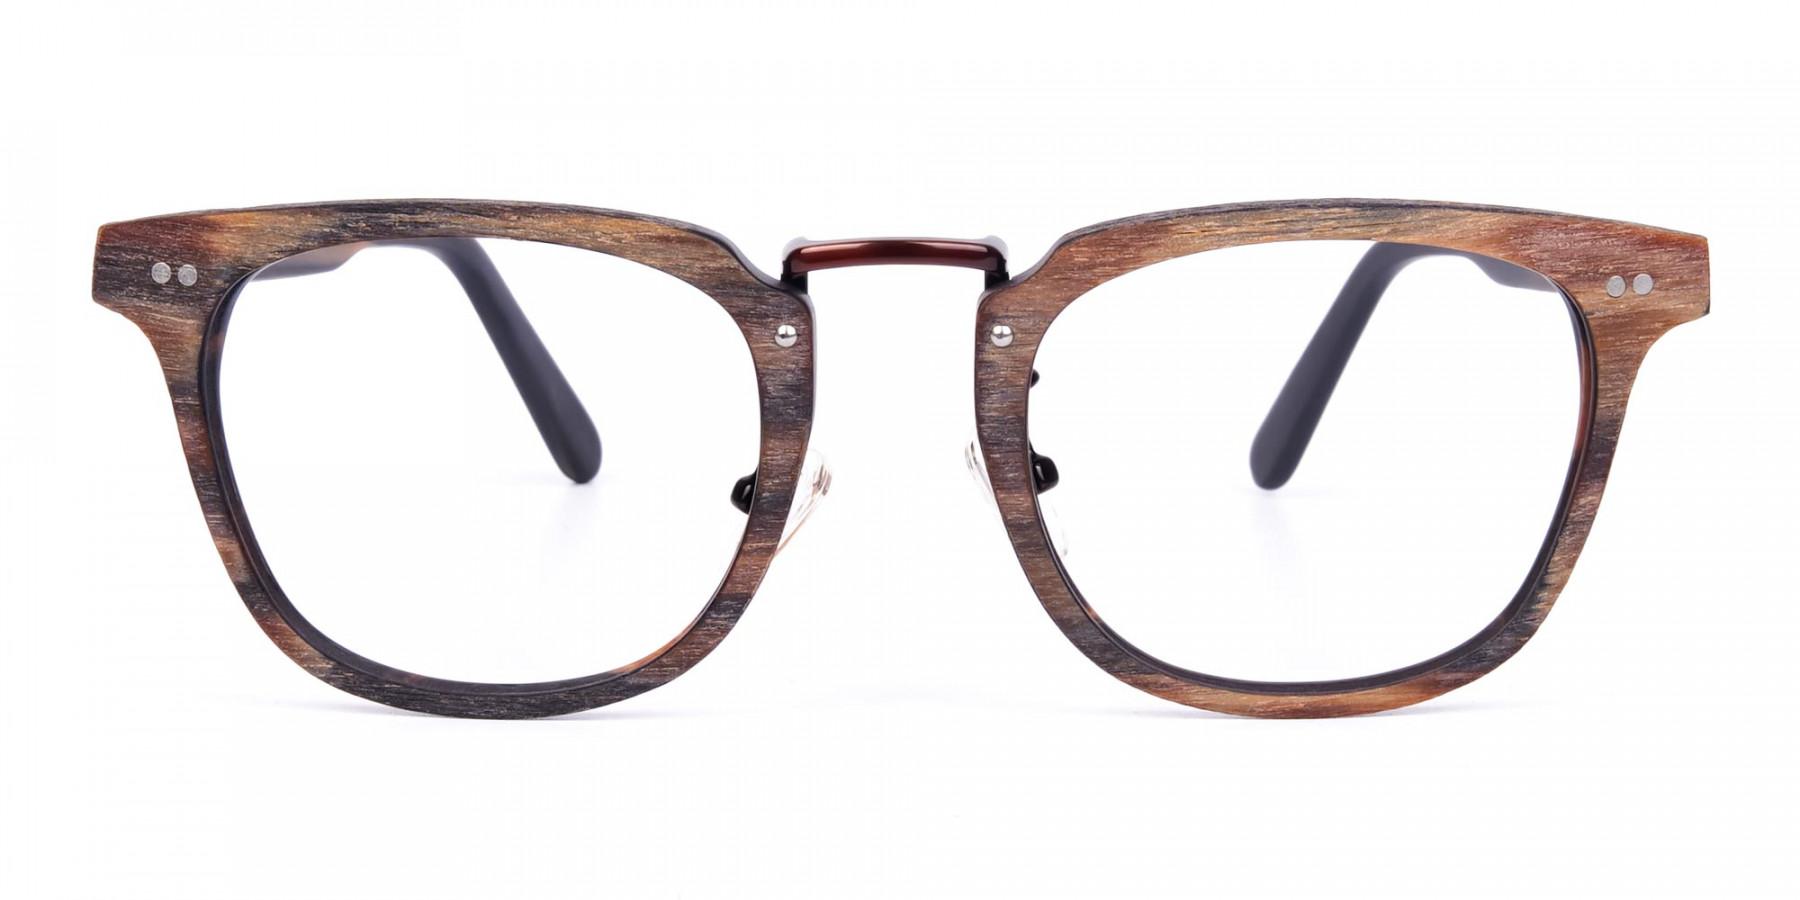 Tortoise-Square-Full-Rim-Wooden-Glasses-1